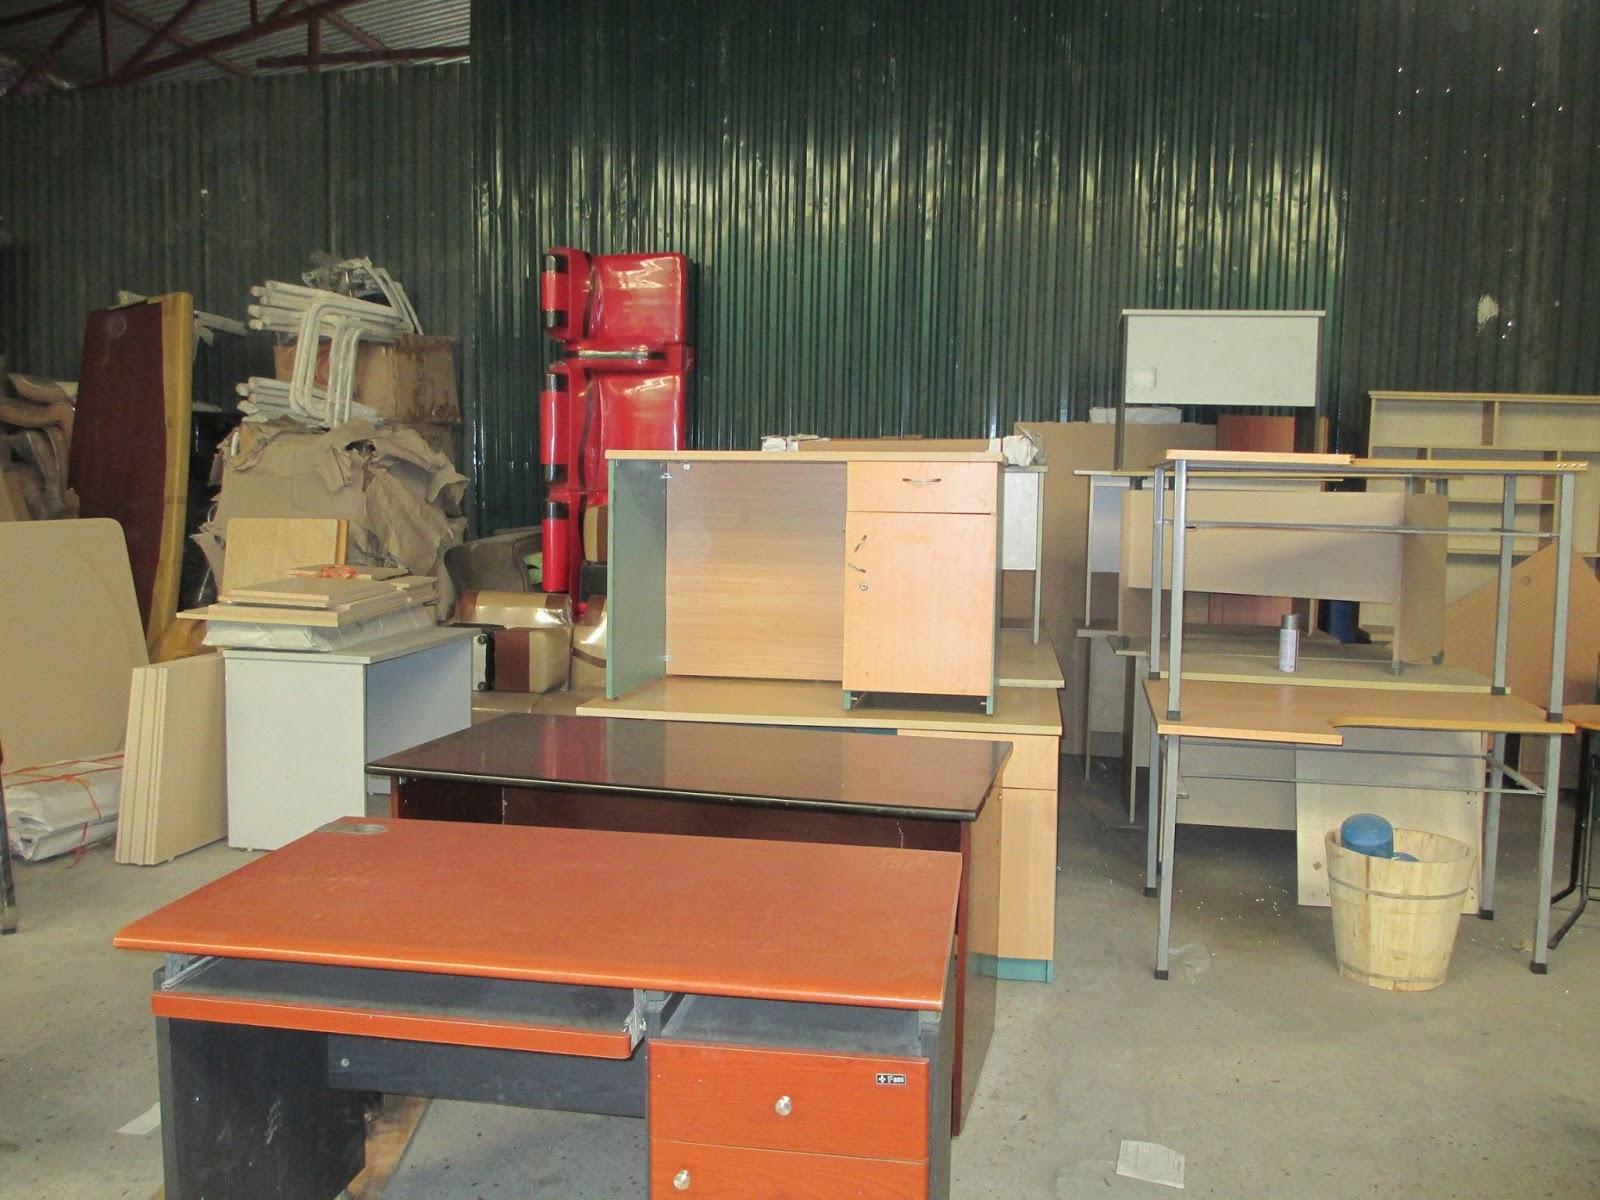 Mô hình kinh doanh đồ gỗ cũ, mỗi ngày thu vài triệu